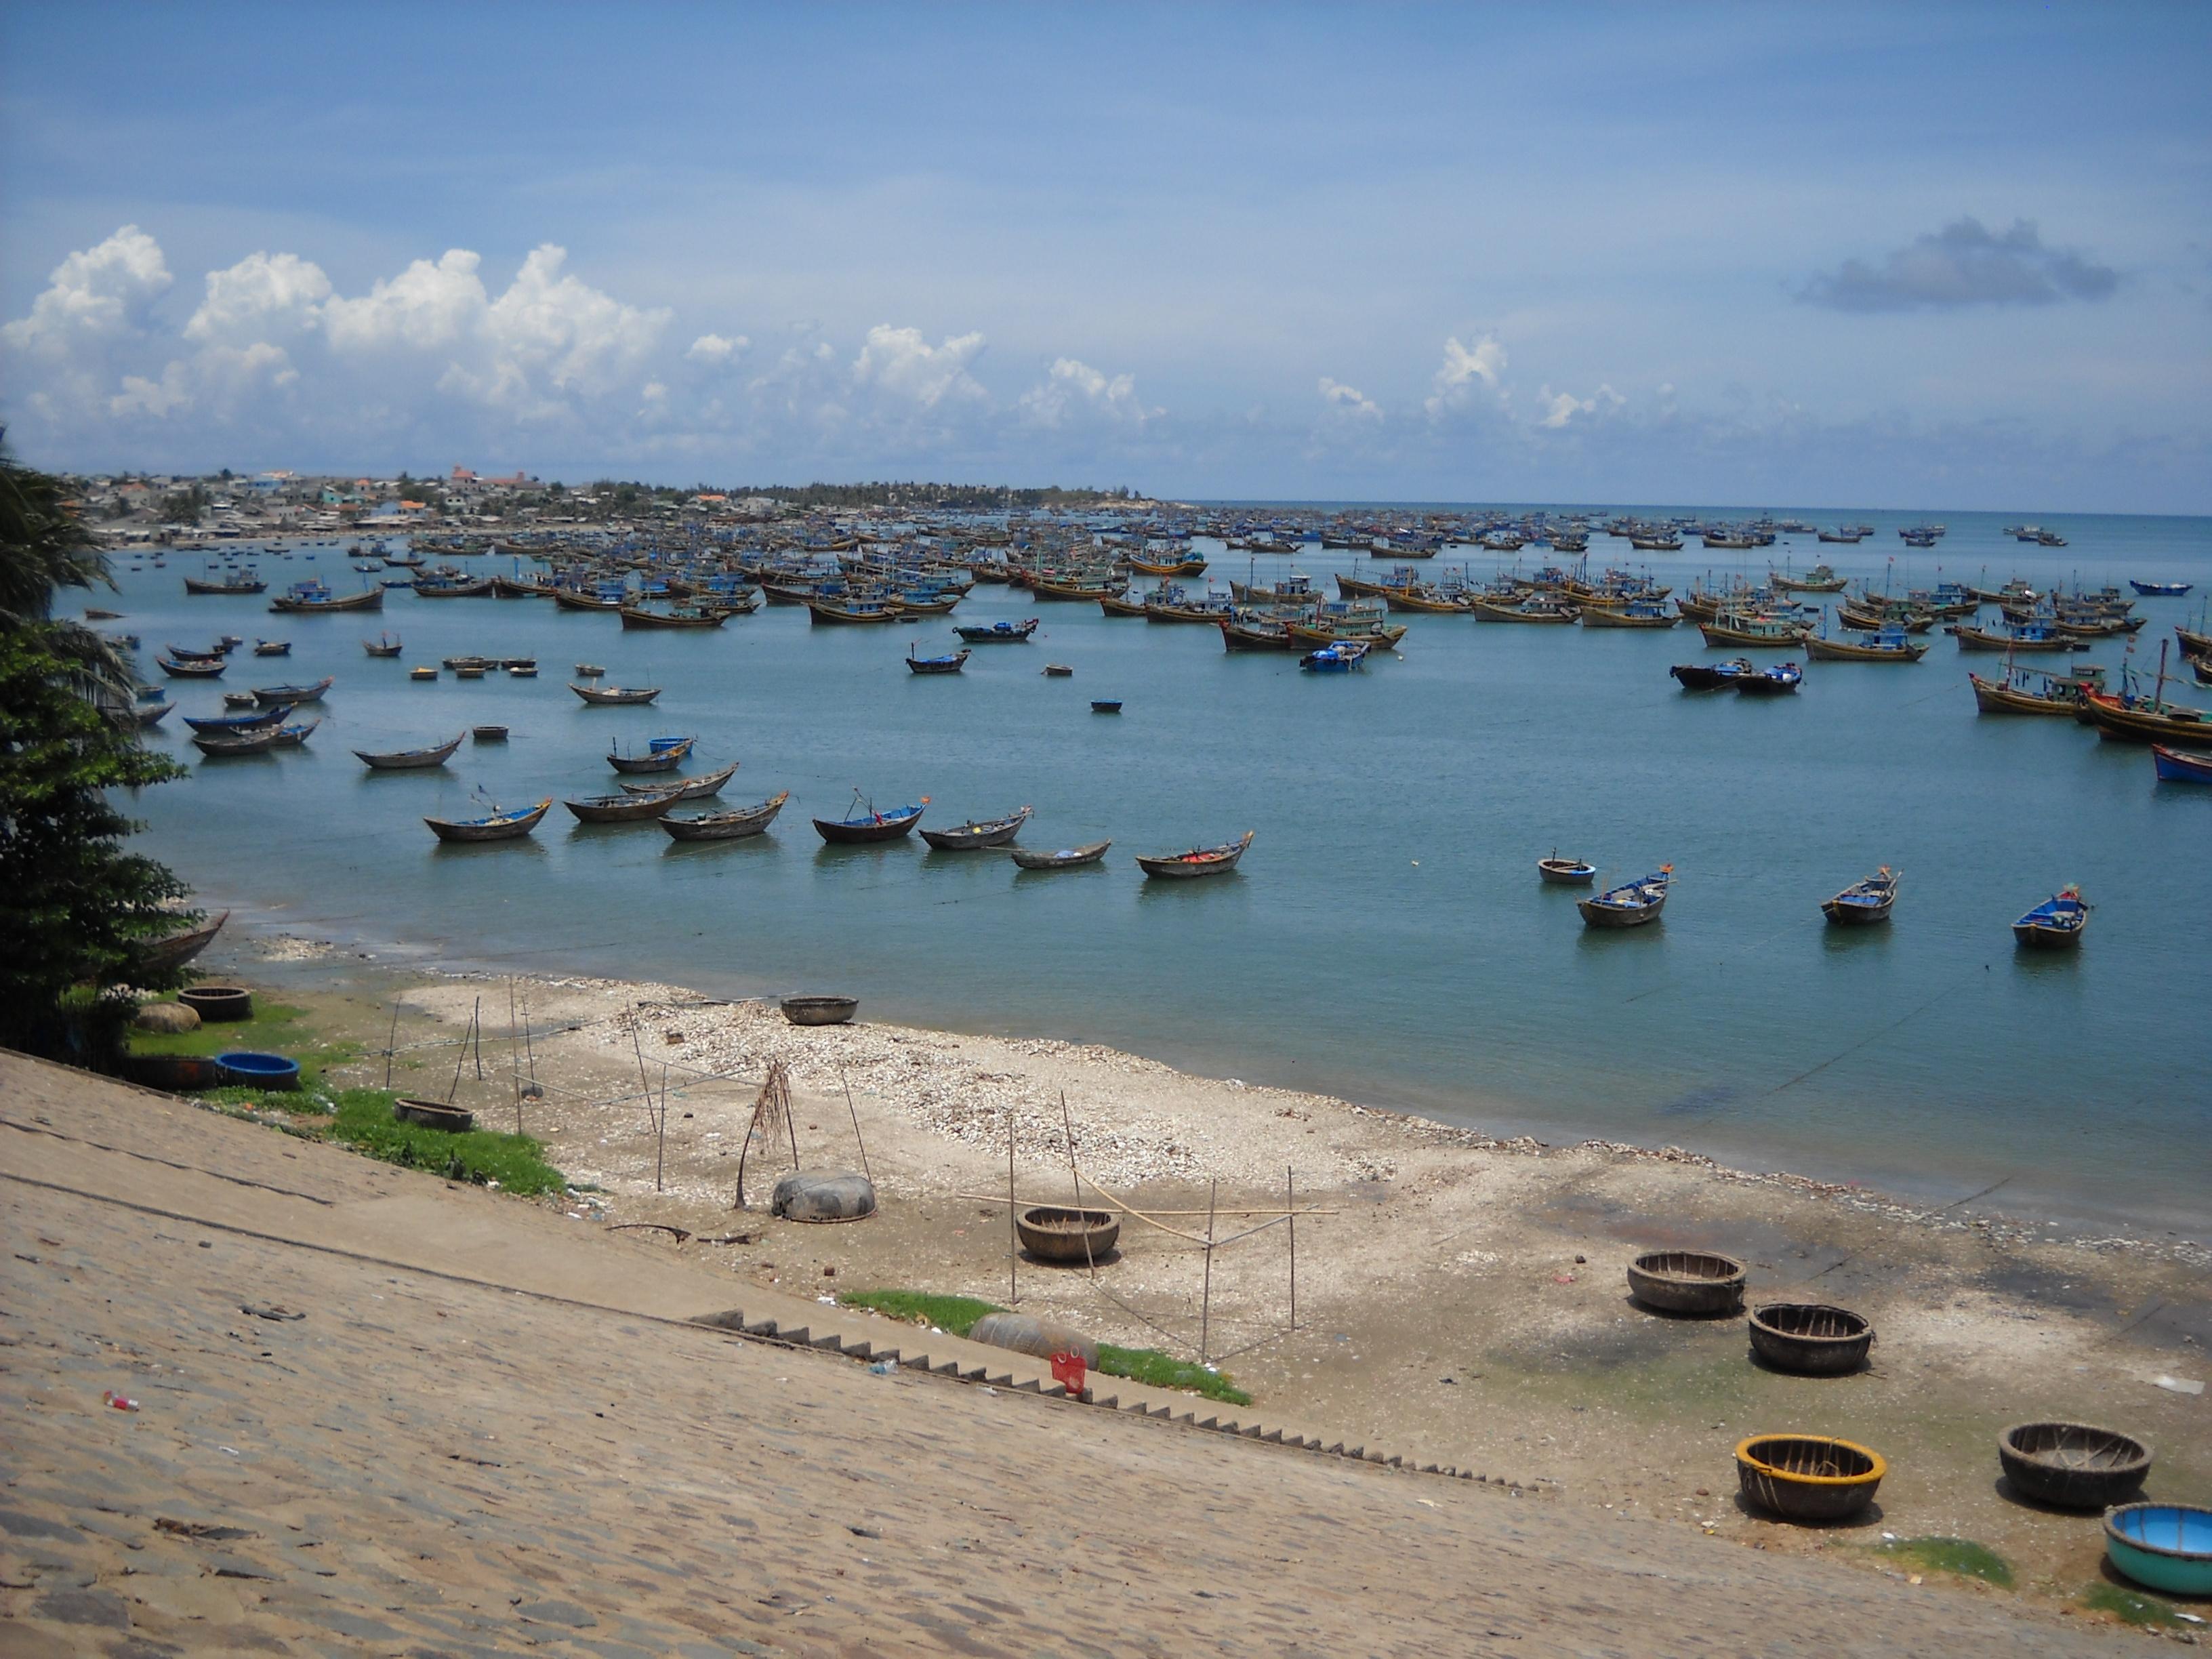 Bán nhớt Liqui Moly giá rẻ tại Bình Thuận